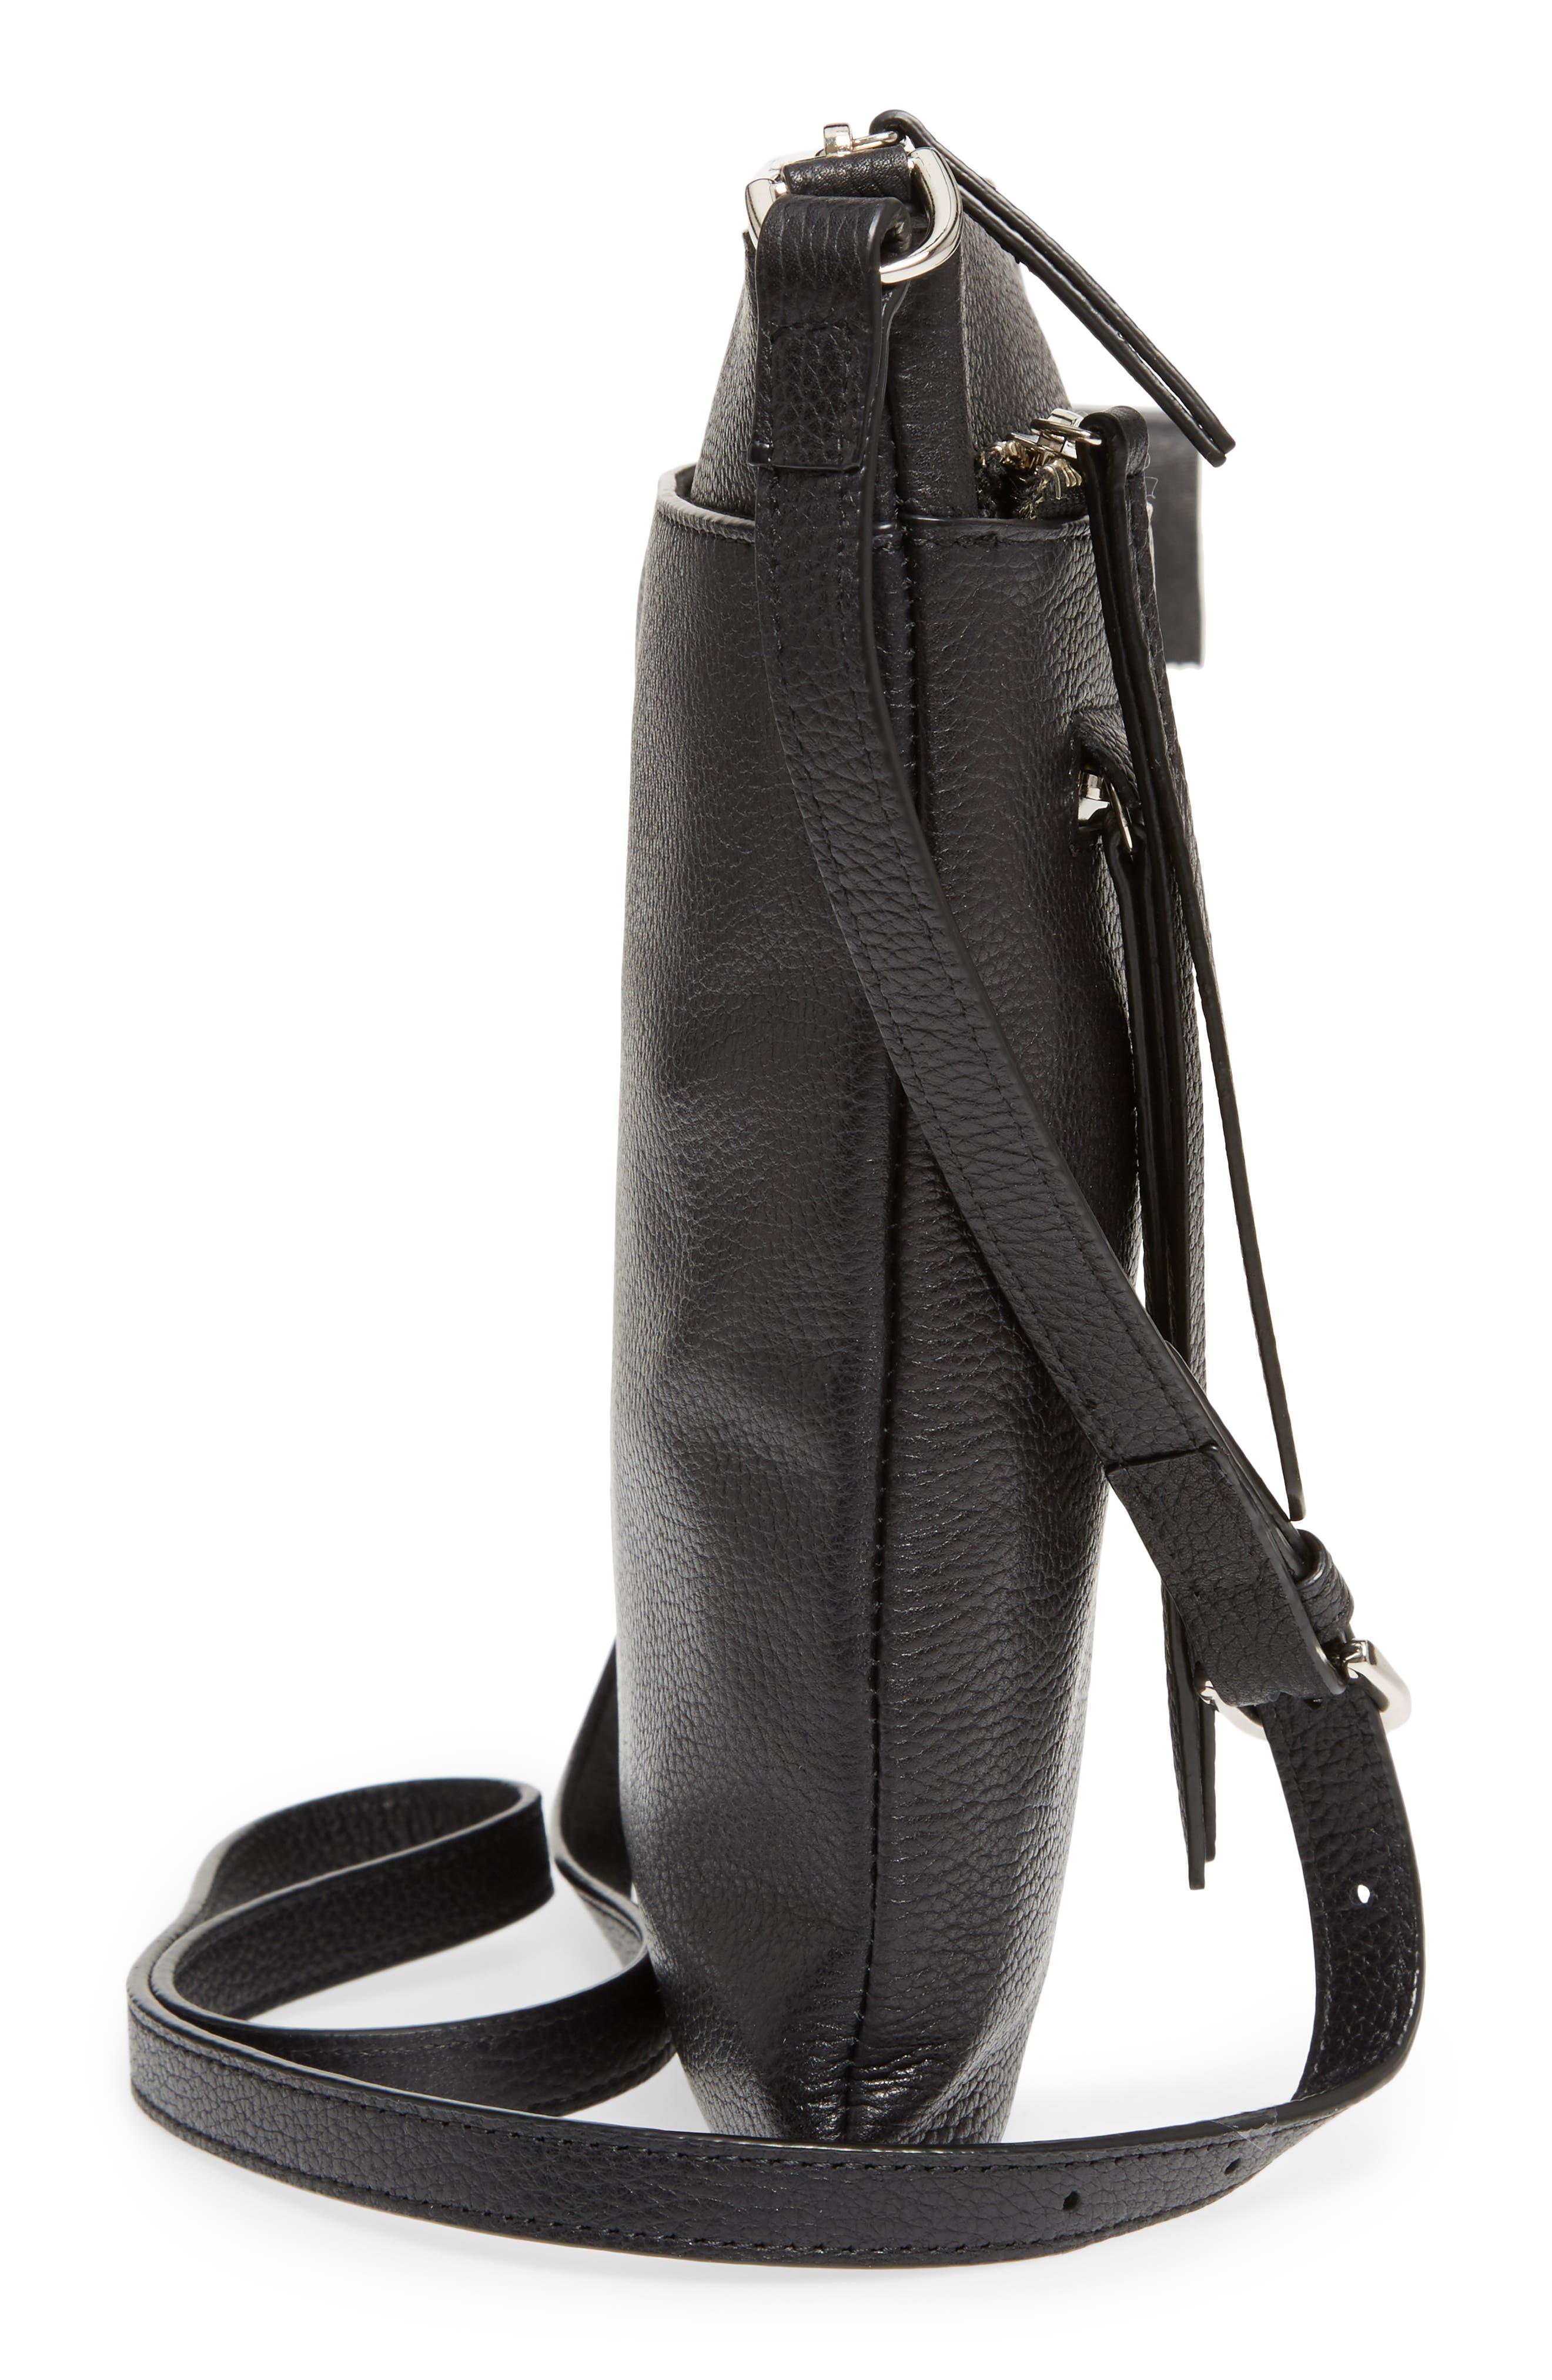 NORDSTROM, Finn Leather Crossbody Bag, Alternate thumbnail 6, color, BLACK